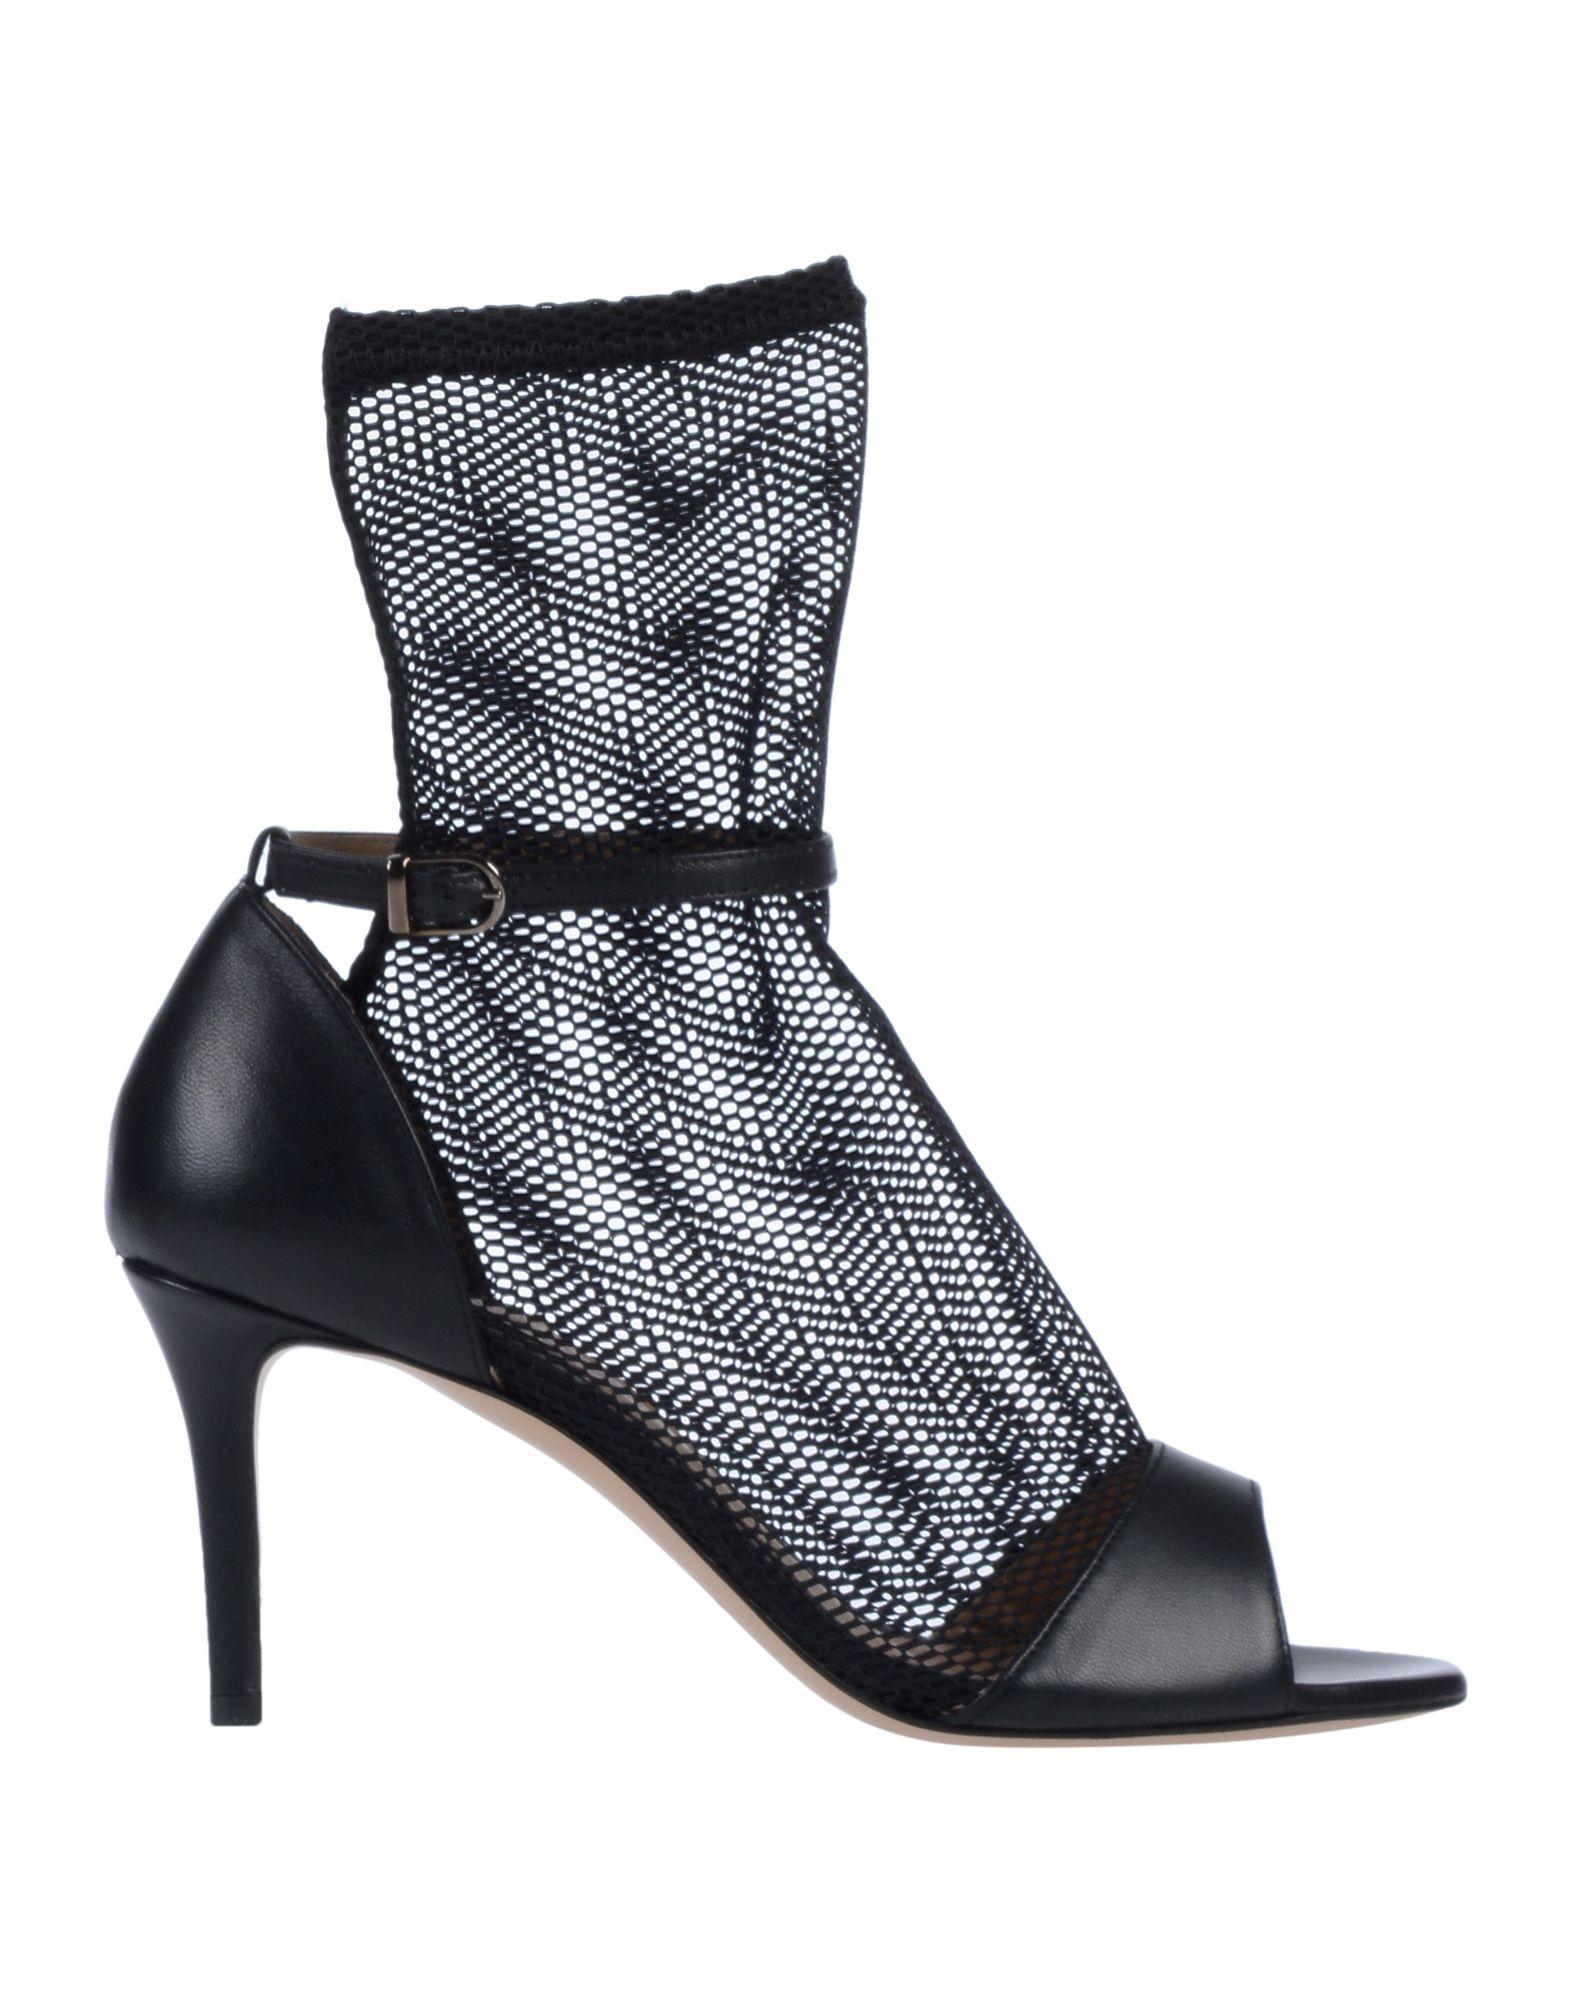 《送料無料》STEPHEN GOOD London レディース ショートブーツ ブラック 36 革 / 紡績繊維